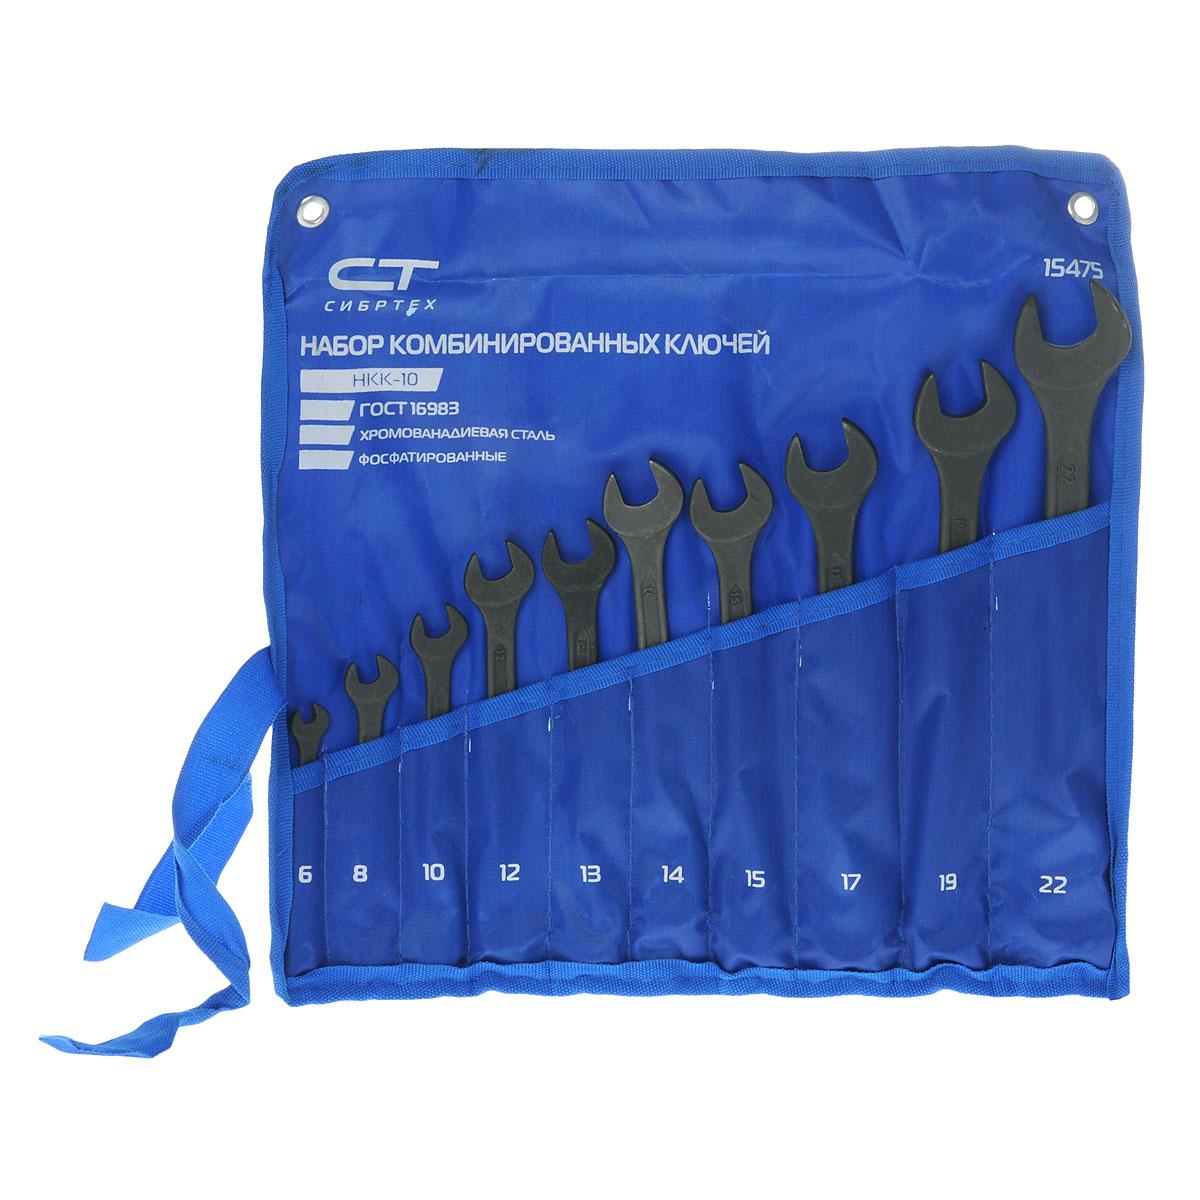 Набор ключей комбинированных Сибртех, фосфатированные, 10 шт98298130Набор комбинированных ключей Сибртех предназначен для монтажа и демонтажа резьбовых соединений. Они изготовлены из хромованадиевой стали марки 40ХФА. Соответствуют требованиям ГОСТ 16983. Ключи изготовлены методом горячей ковки с последующей термической обработкой (отжиг, закалка и отпуск), имеют фосфатированное покрытие.В состав набора входят ключи на 6 мм, 8 мм, 10 мм, 12 мм, 13 мм, 14 мм, 15 мм, 17 мм, 19 мм, 22 мм. Твердость: 42-47 HRс.